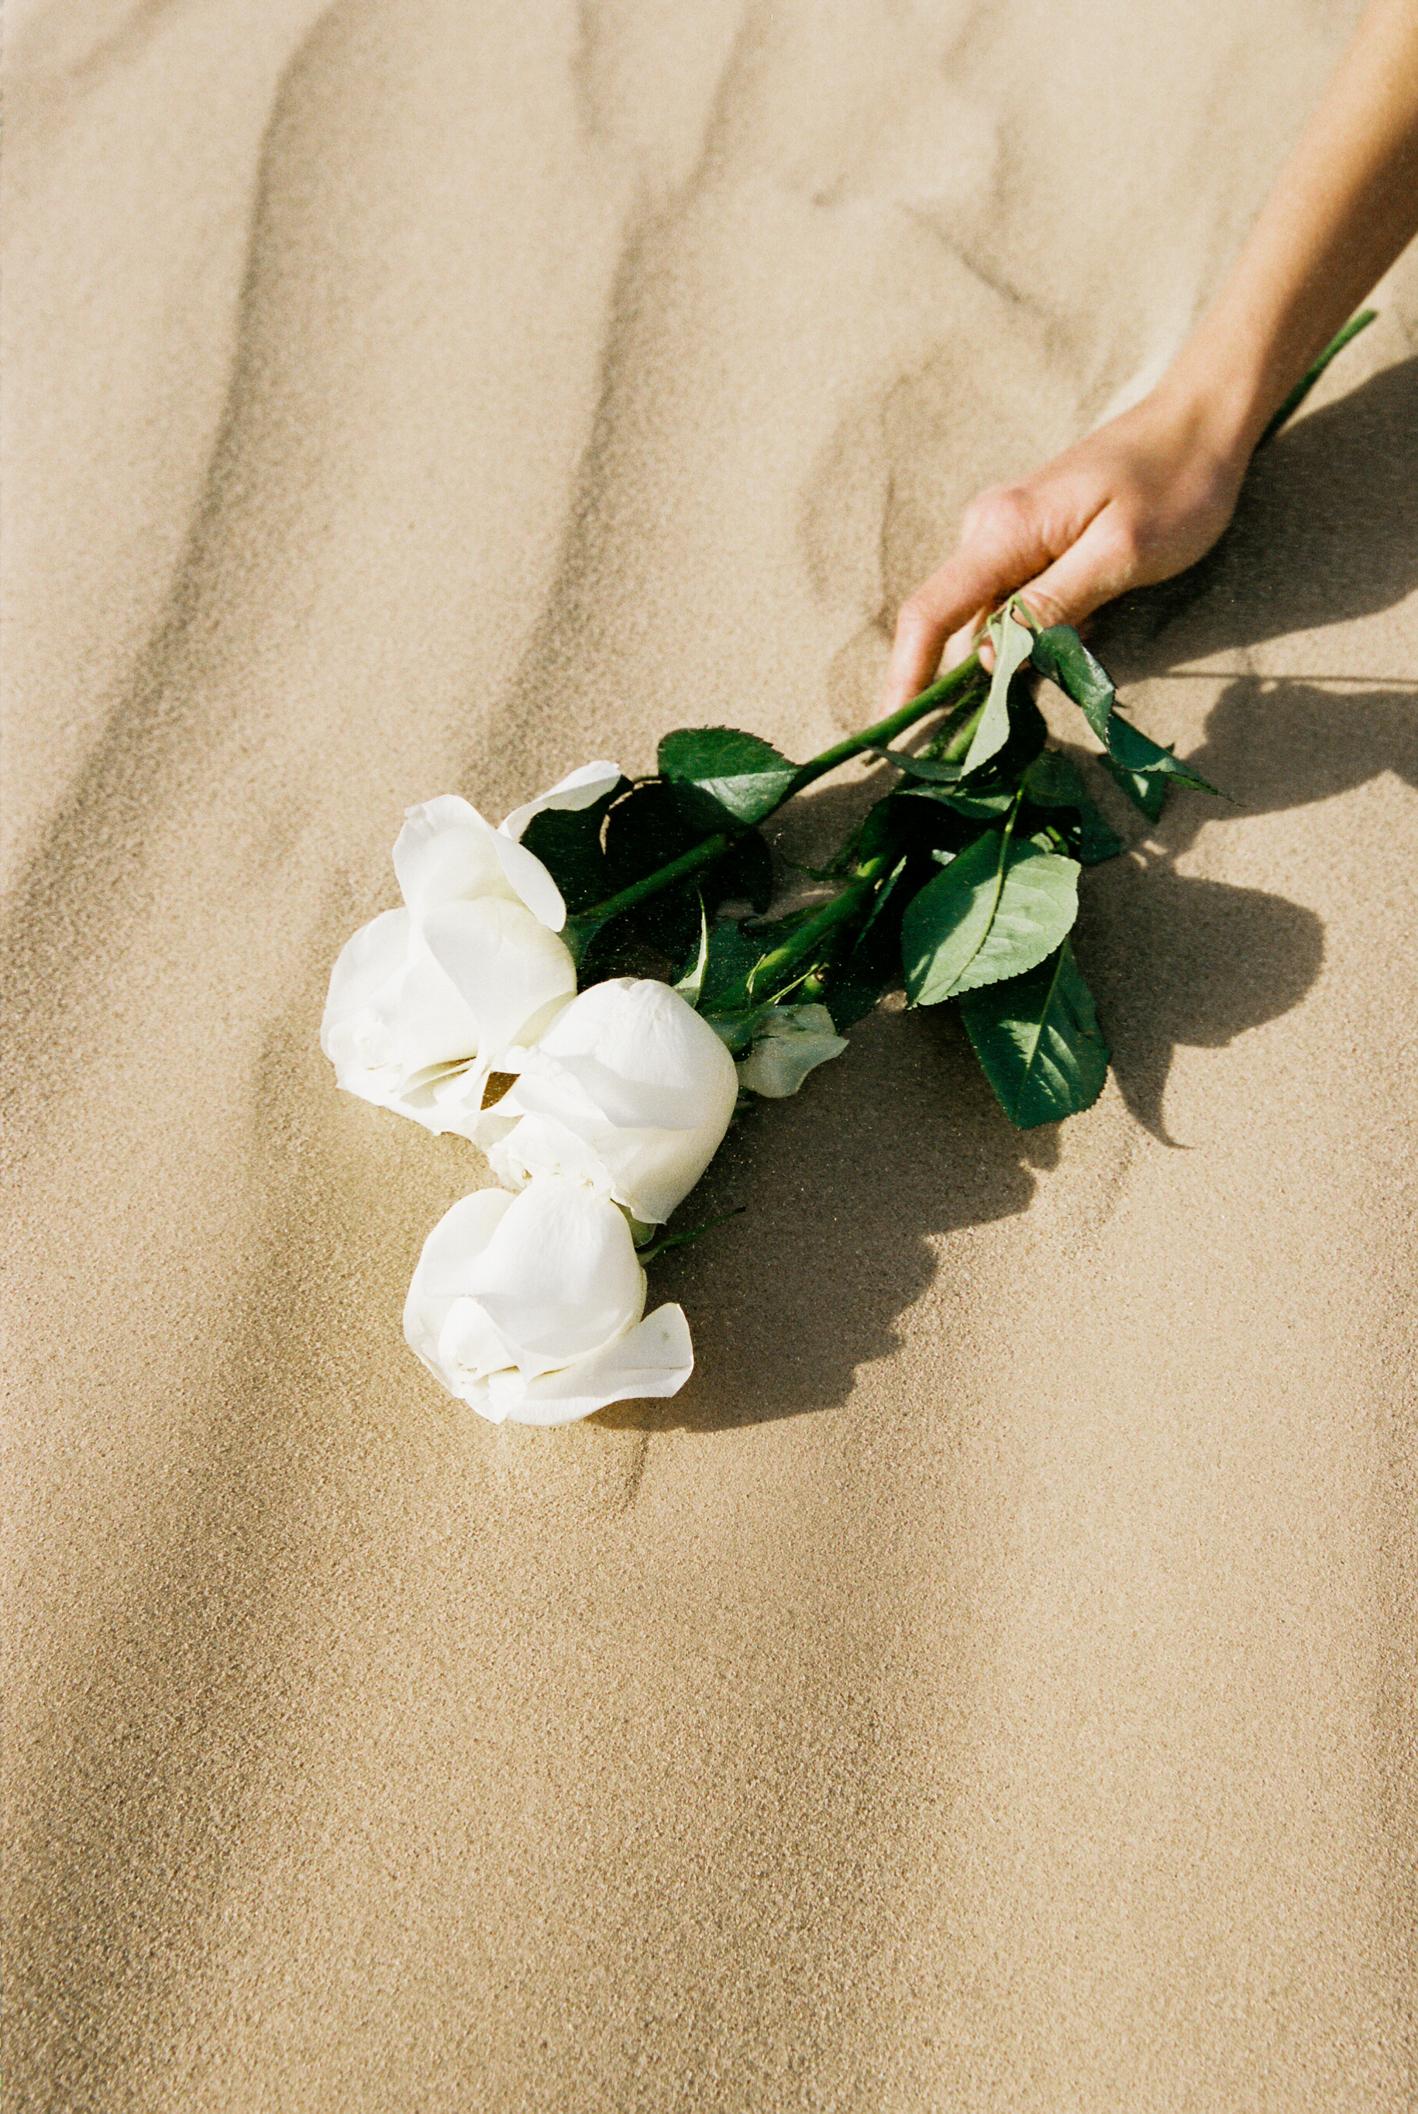 DesertFilm2 (65 of 101).jpg